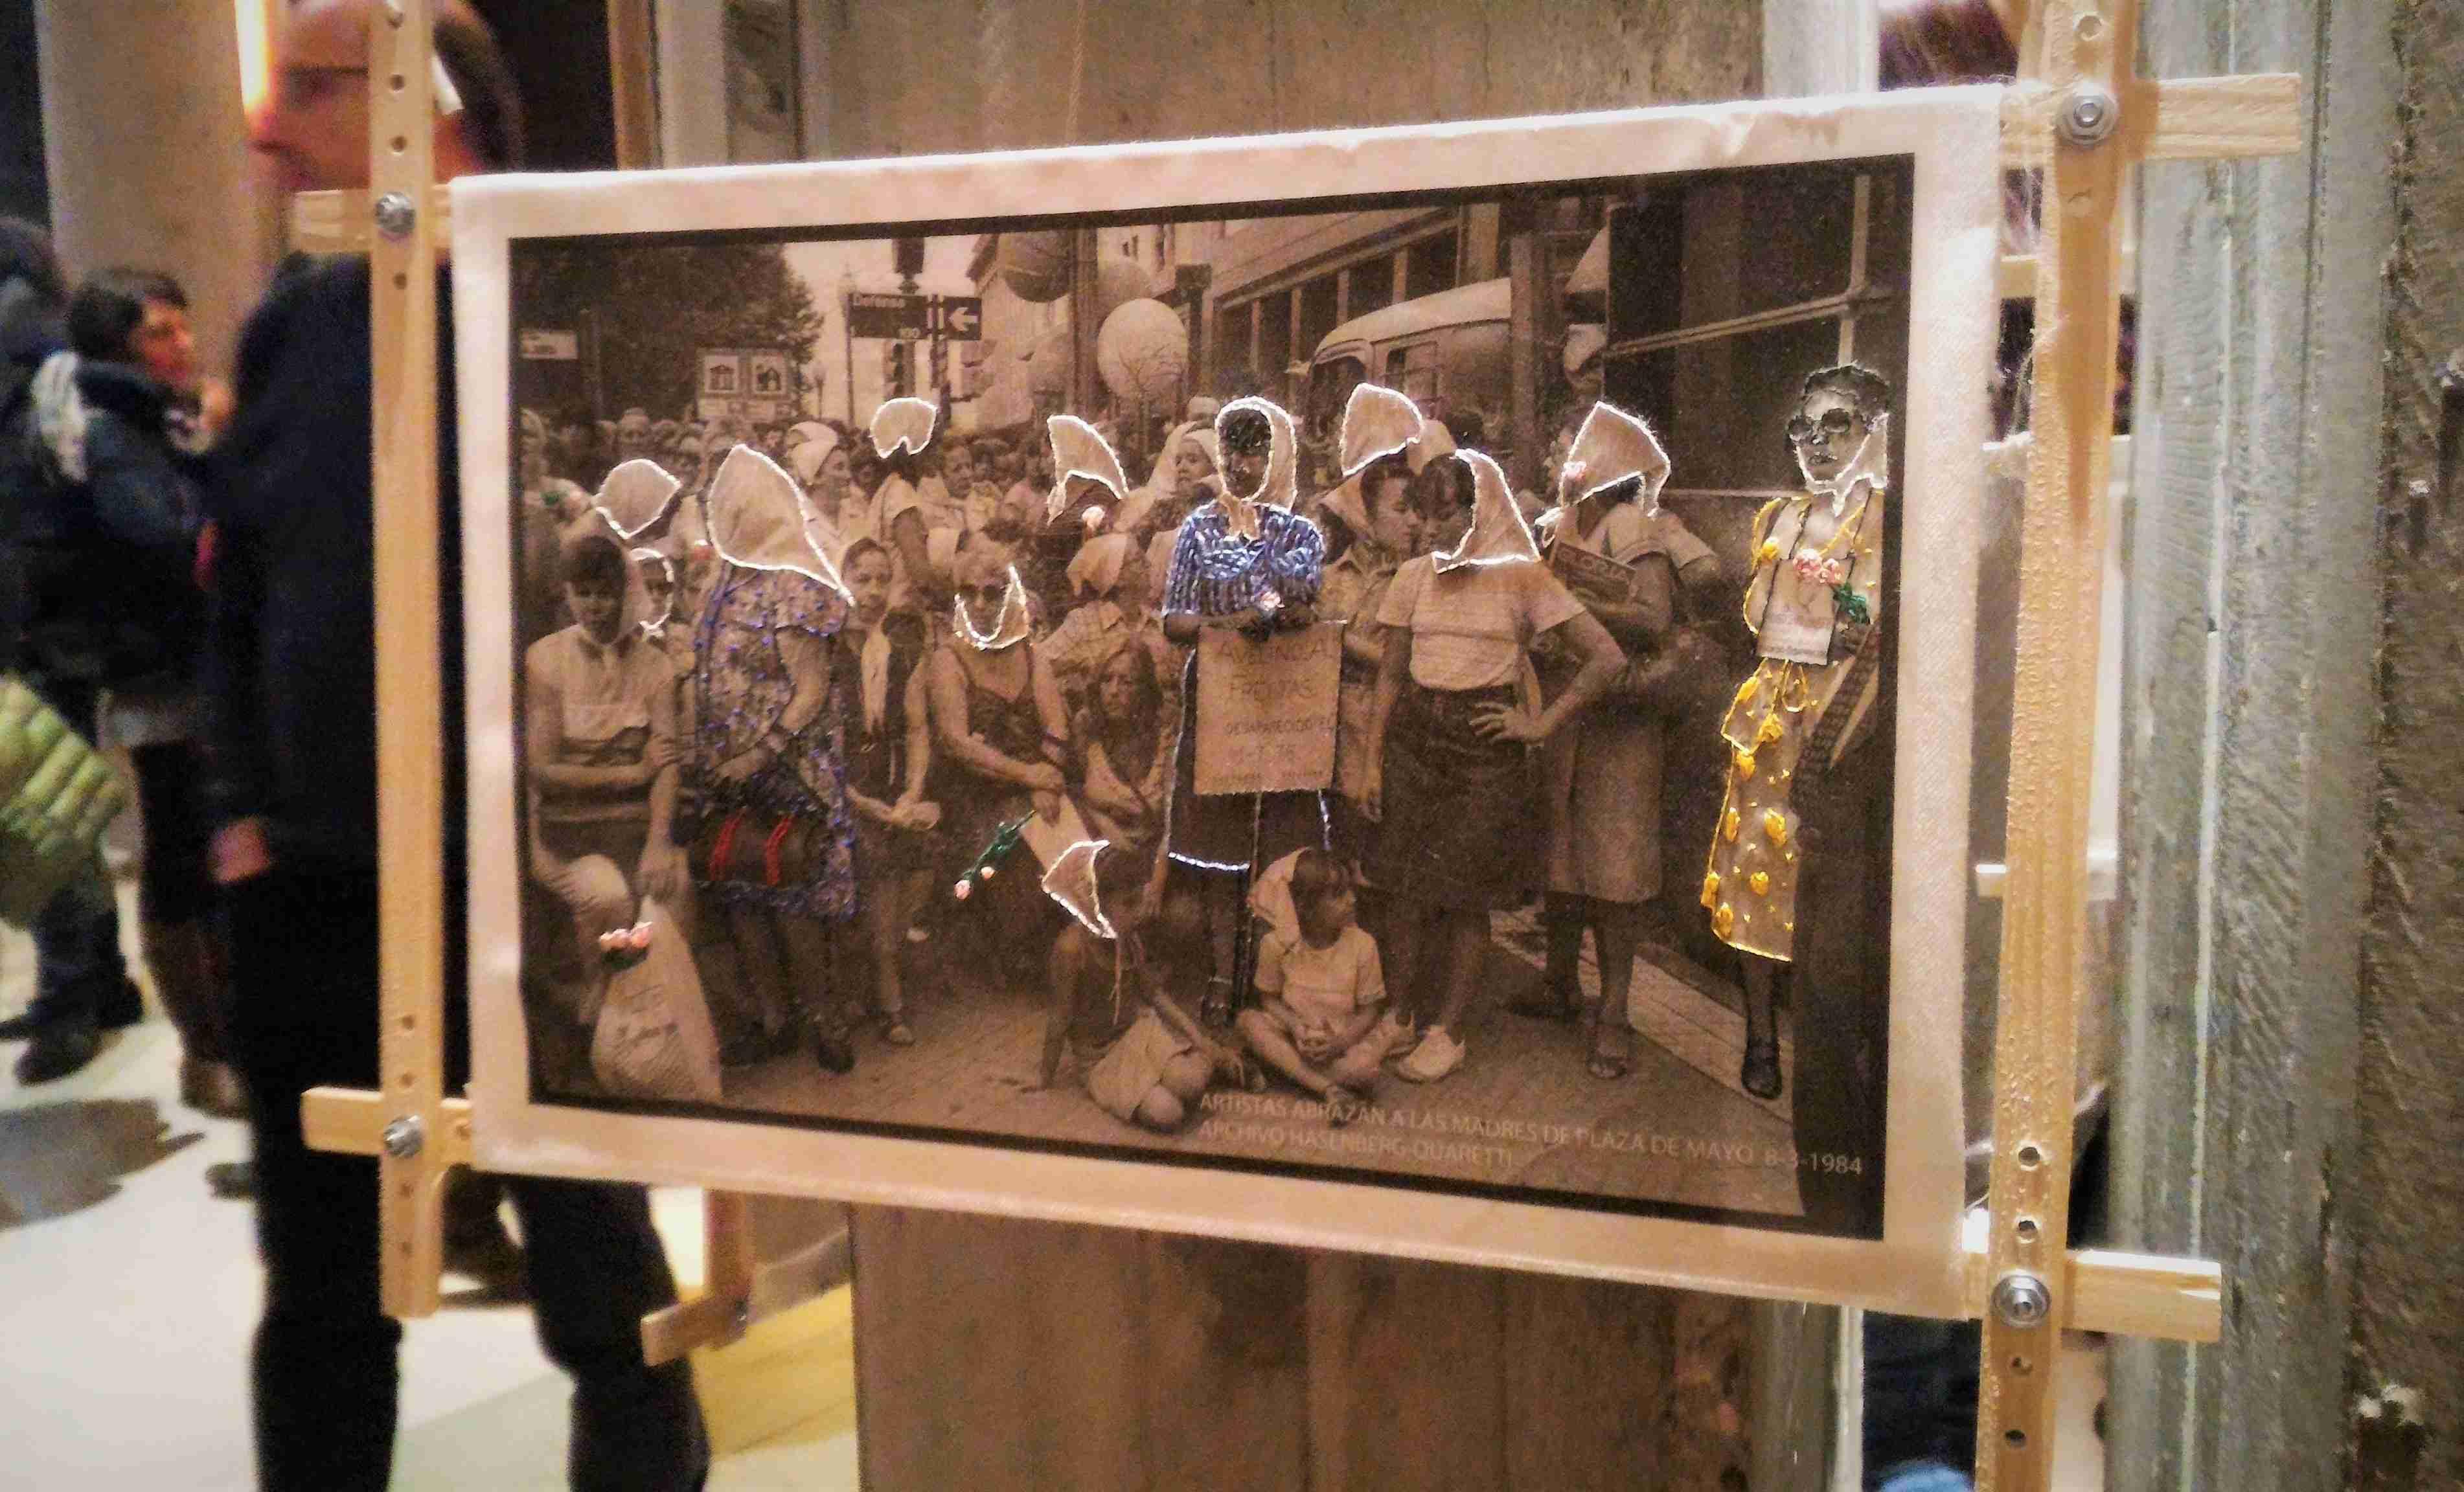 La Mue/tte Les folles. Esposizione. Foto ©Giulio Sonno